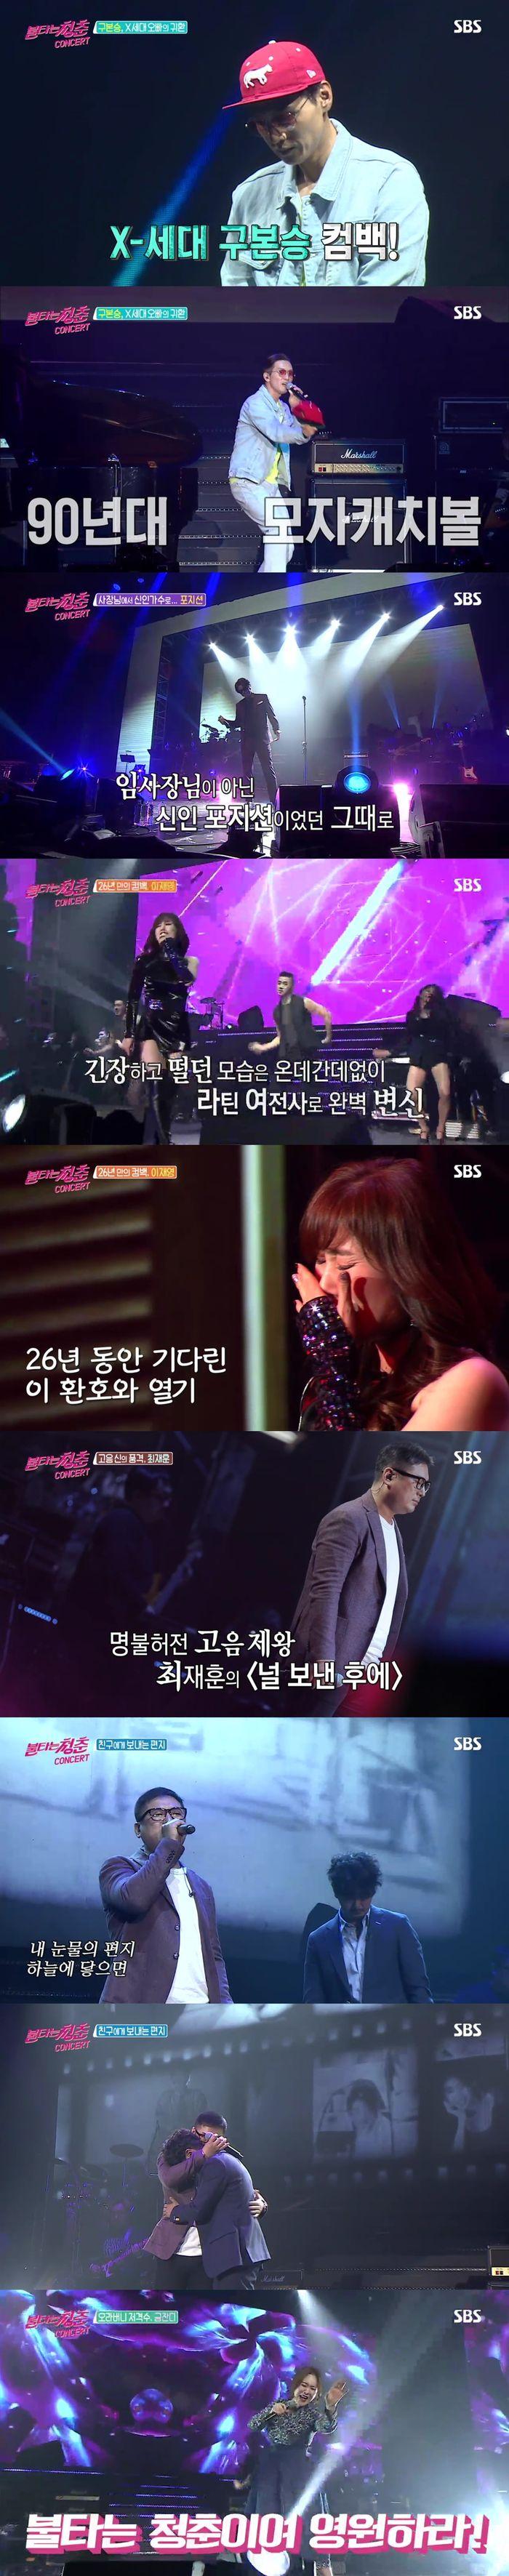 실검 장악, 시청률↑…'불타는청춘', 완벽했던 200회 특집